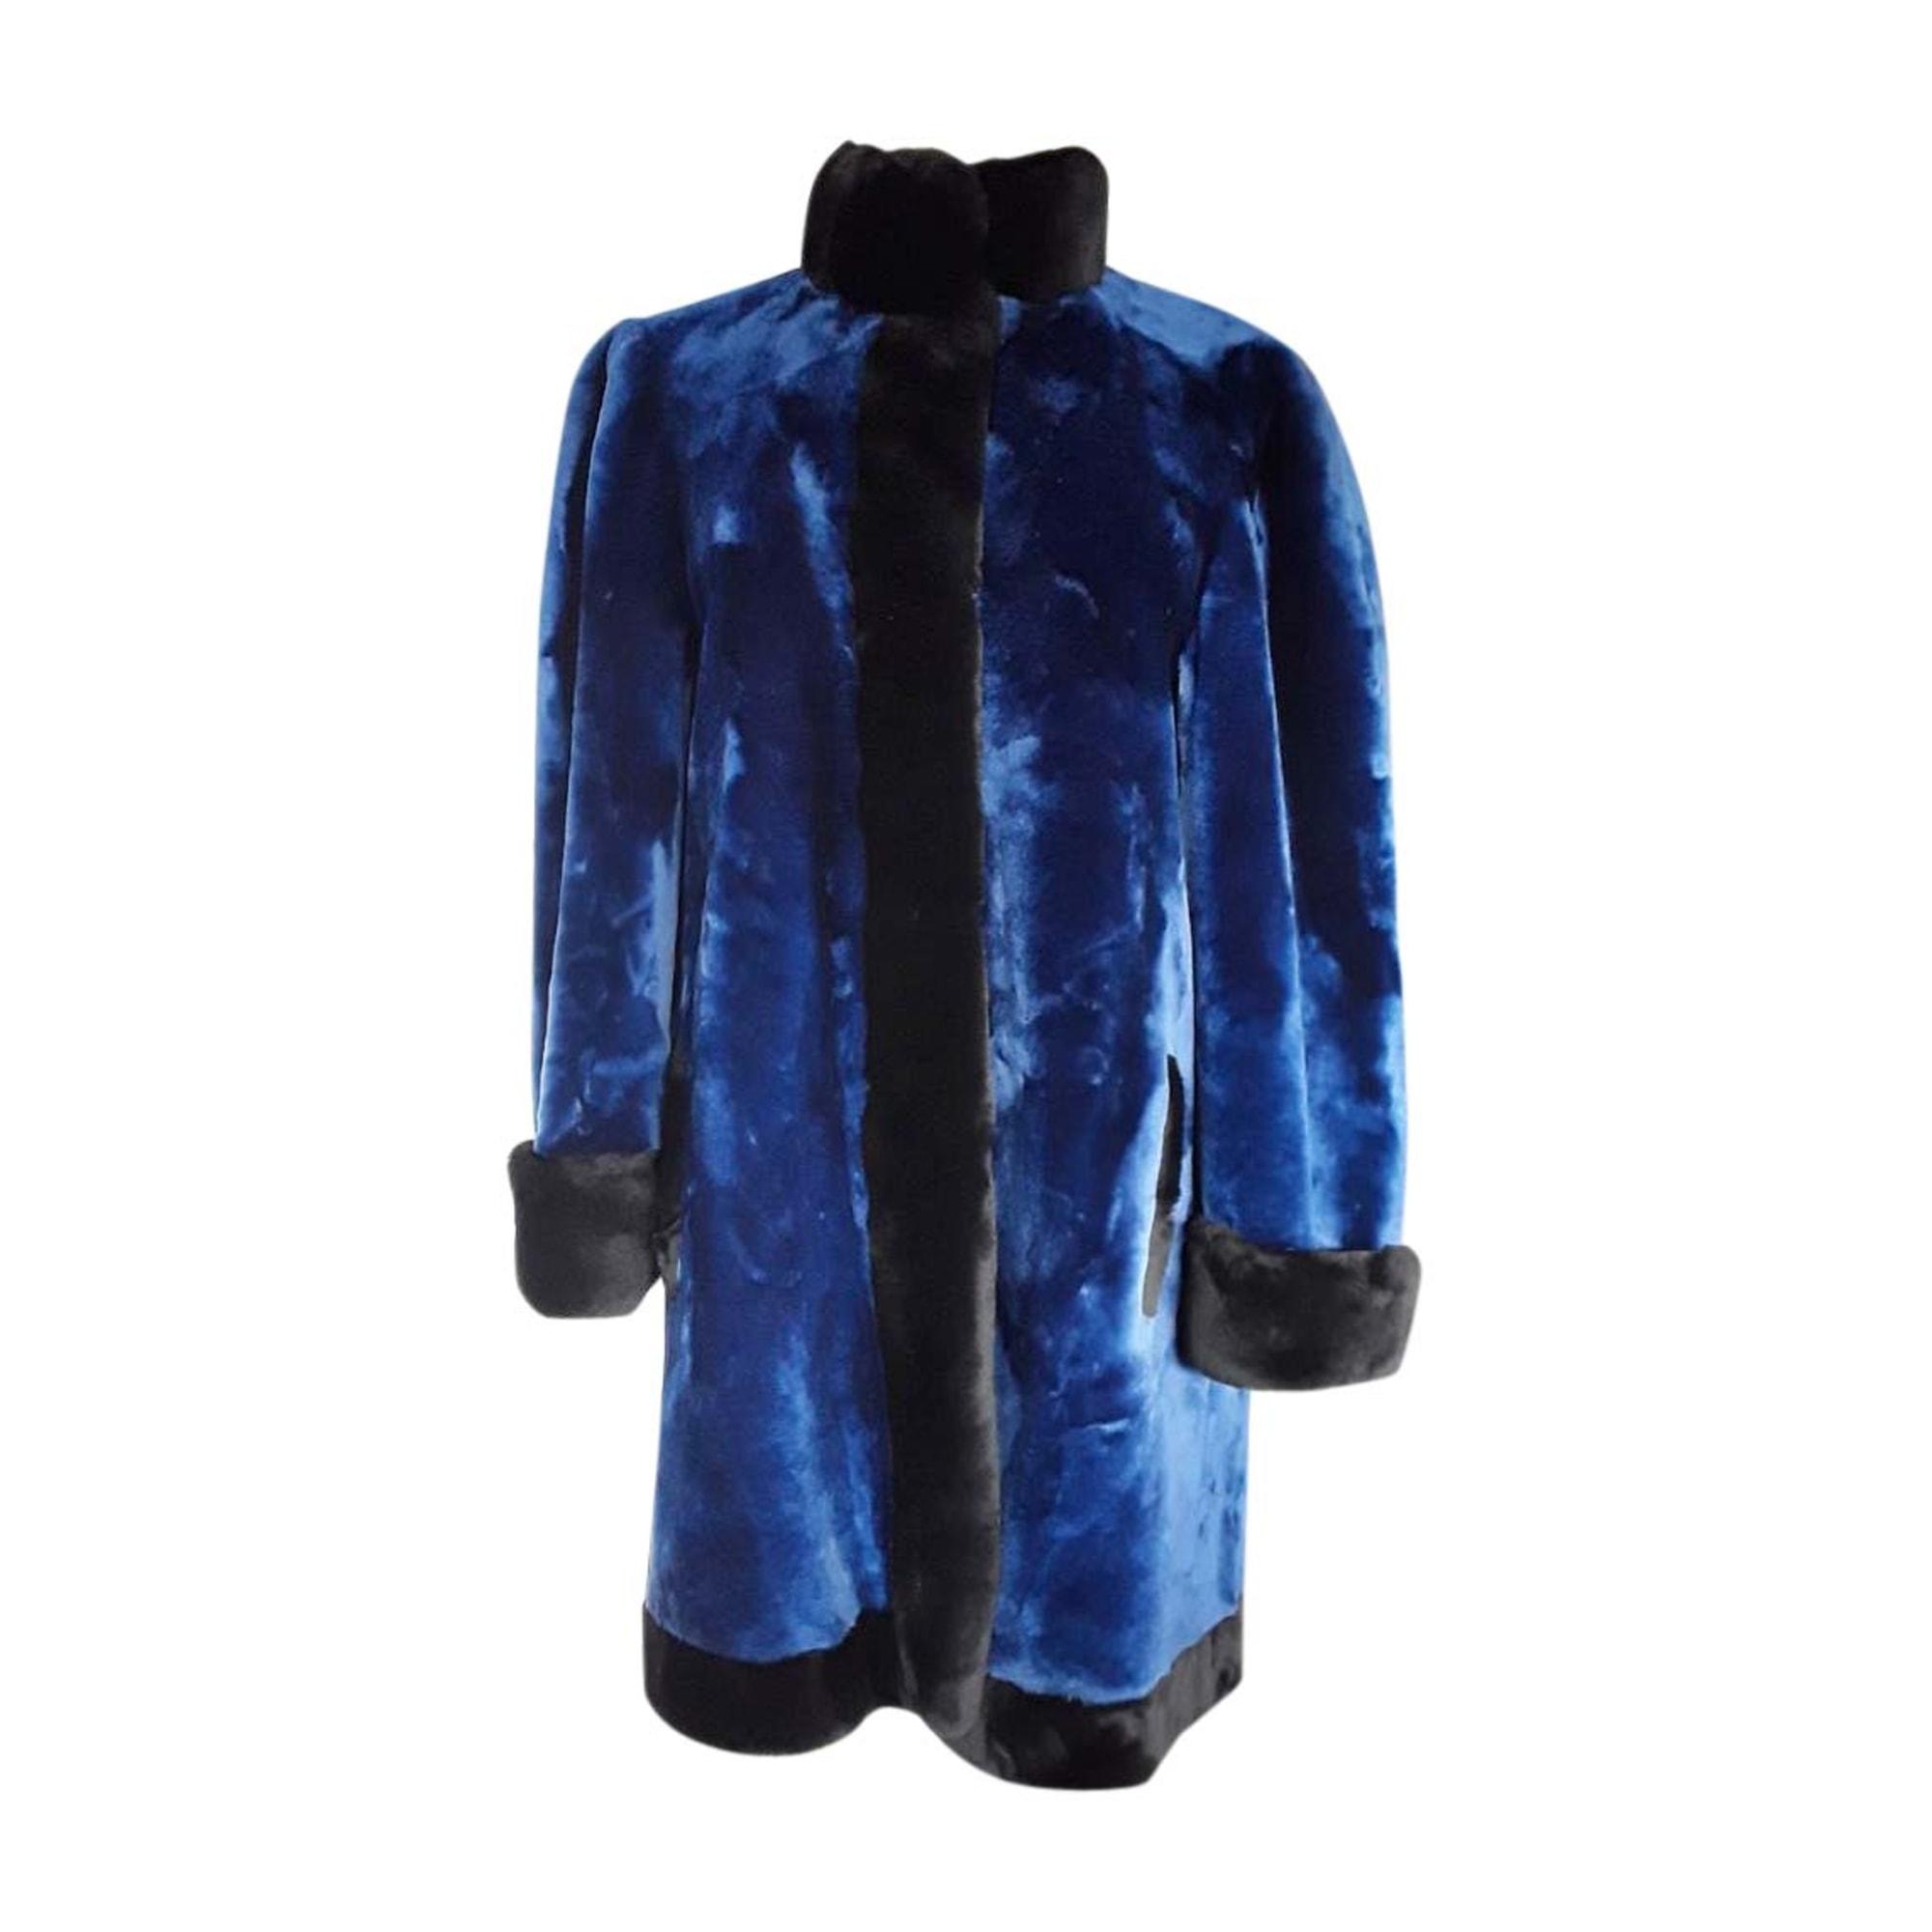 Manteau en fourrure DIOR Bleu, bleu marine, bleu turquoise